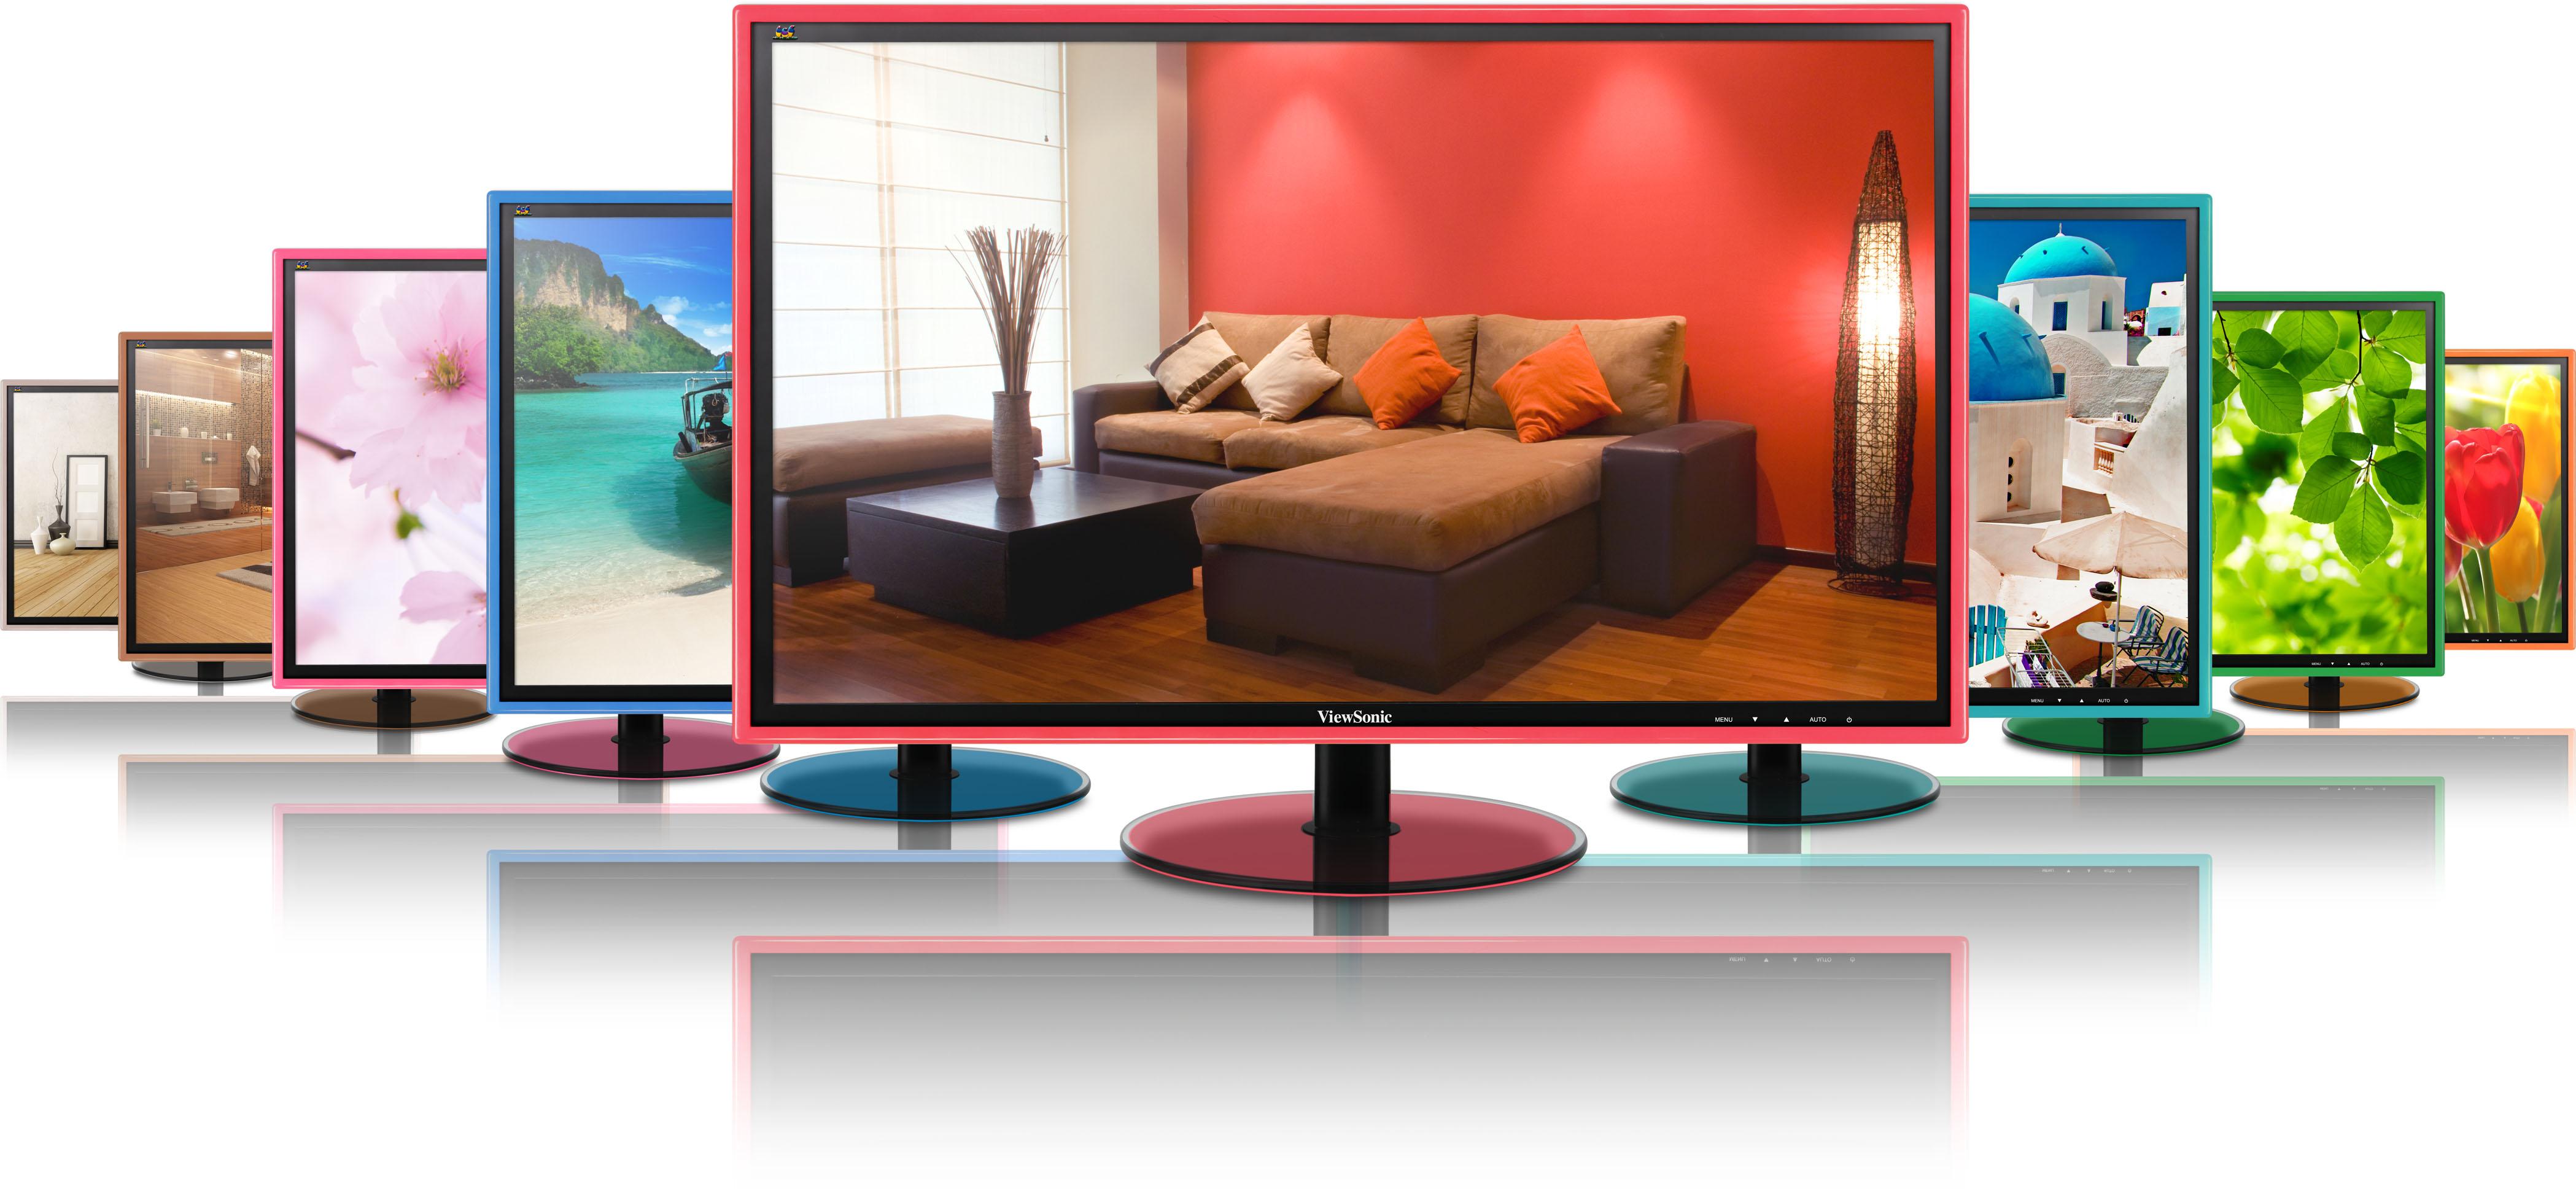 View 2 - ViewSonic giới thiệu màn hình VX2209 và VX2409 dành cho game thủ